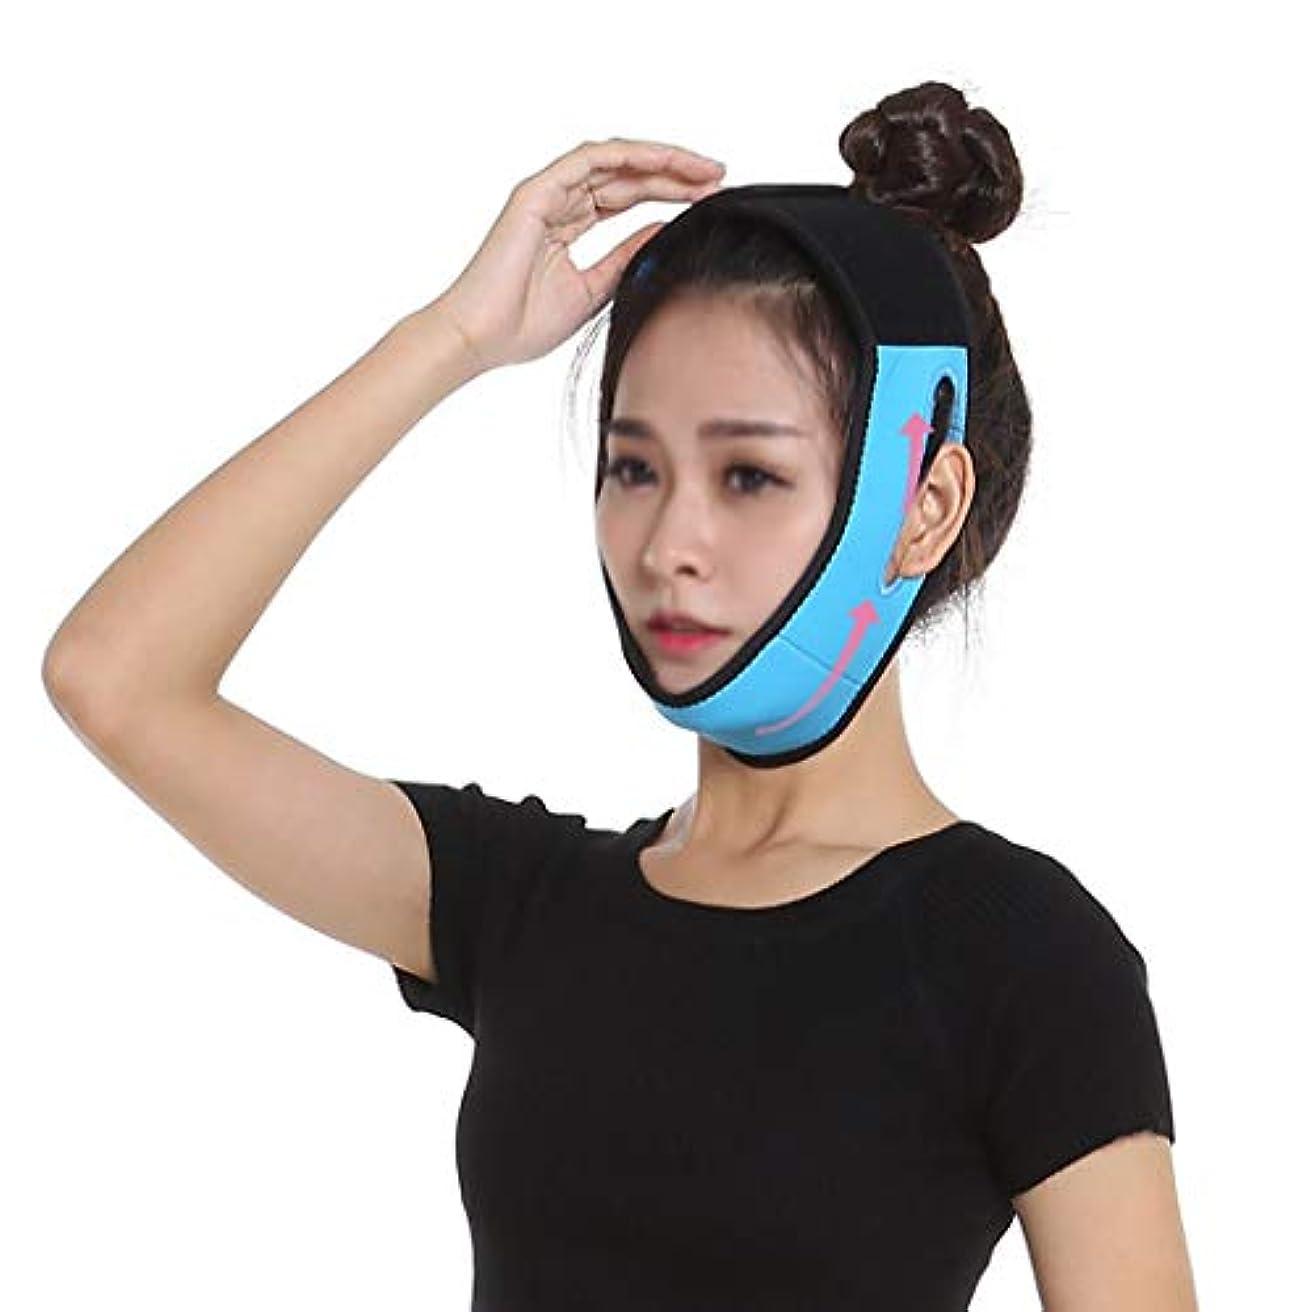 代替お母さん式TLMY 痩身ベルトマスクVフェイシャルアーティファクトマッサージマスクあごの筋肉の収縮を強化し、簡単にV面タイトブルータイト包帯を形作る 顔用整形マスク